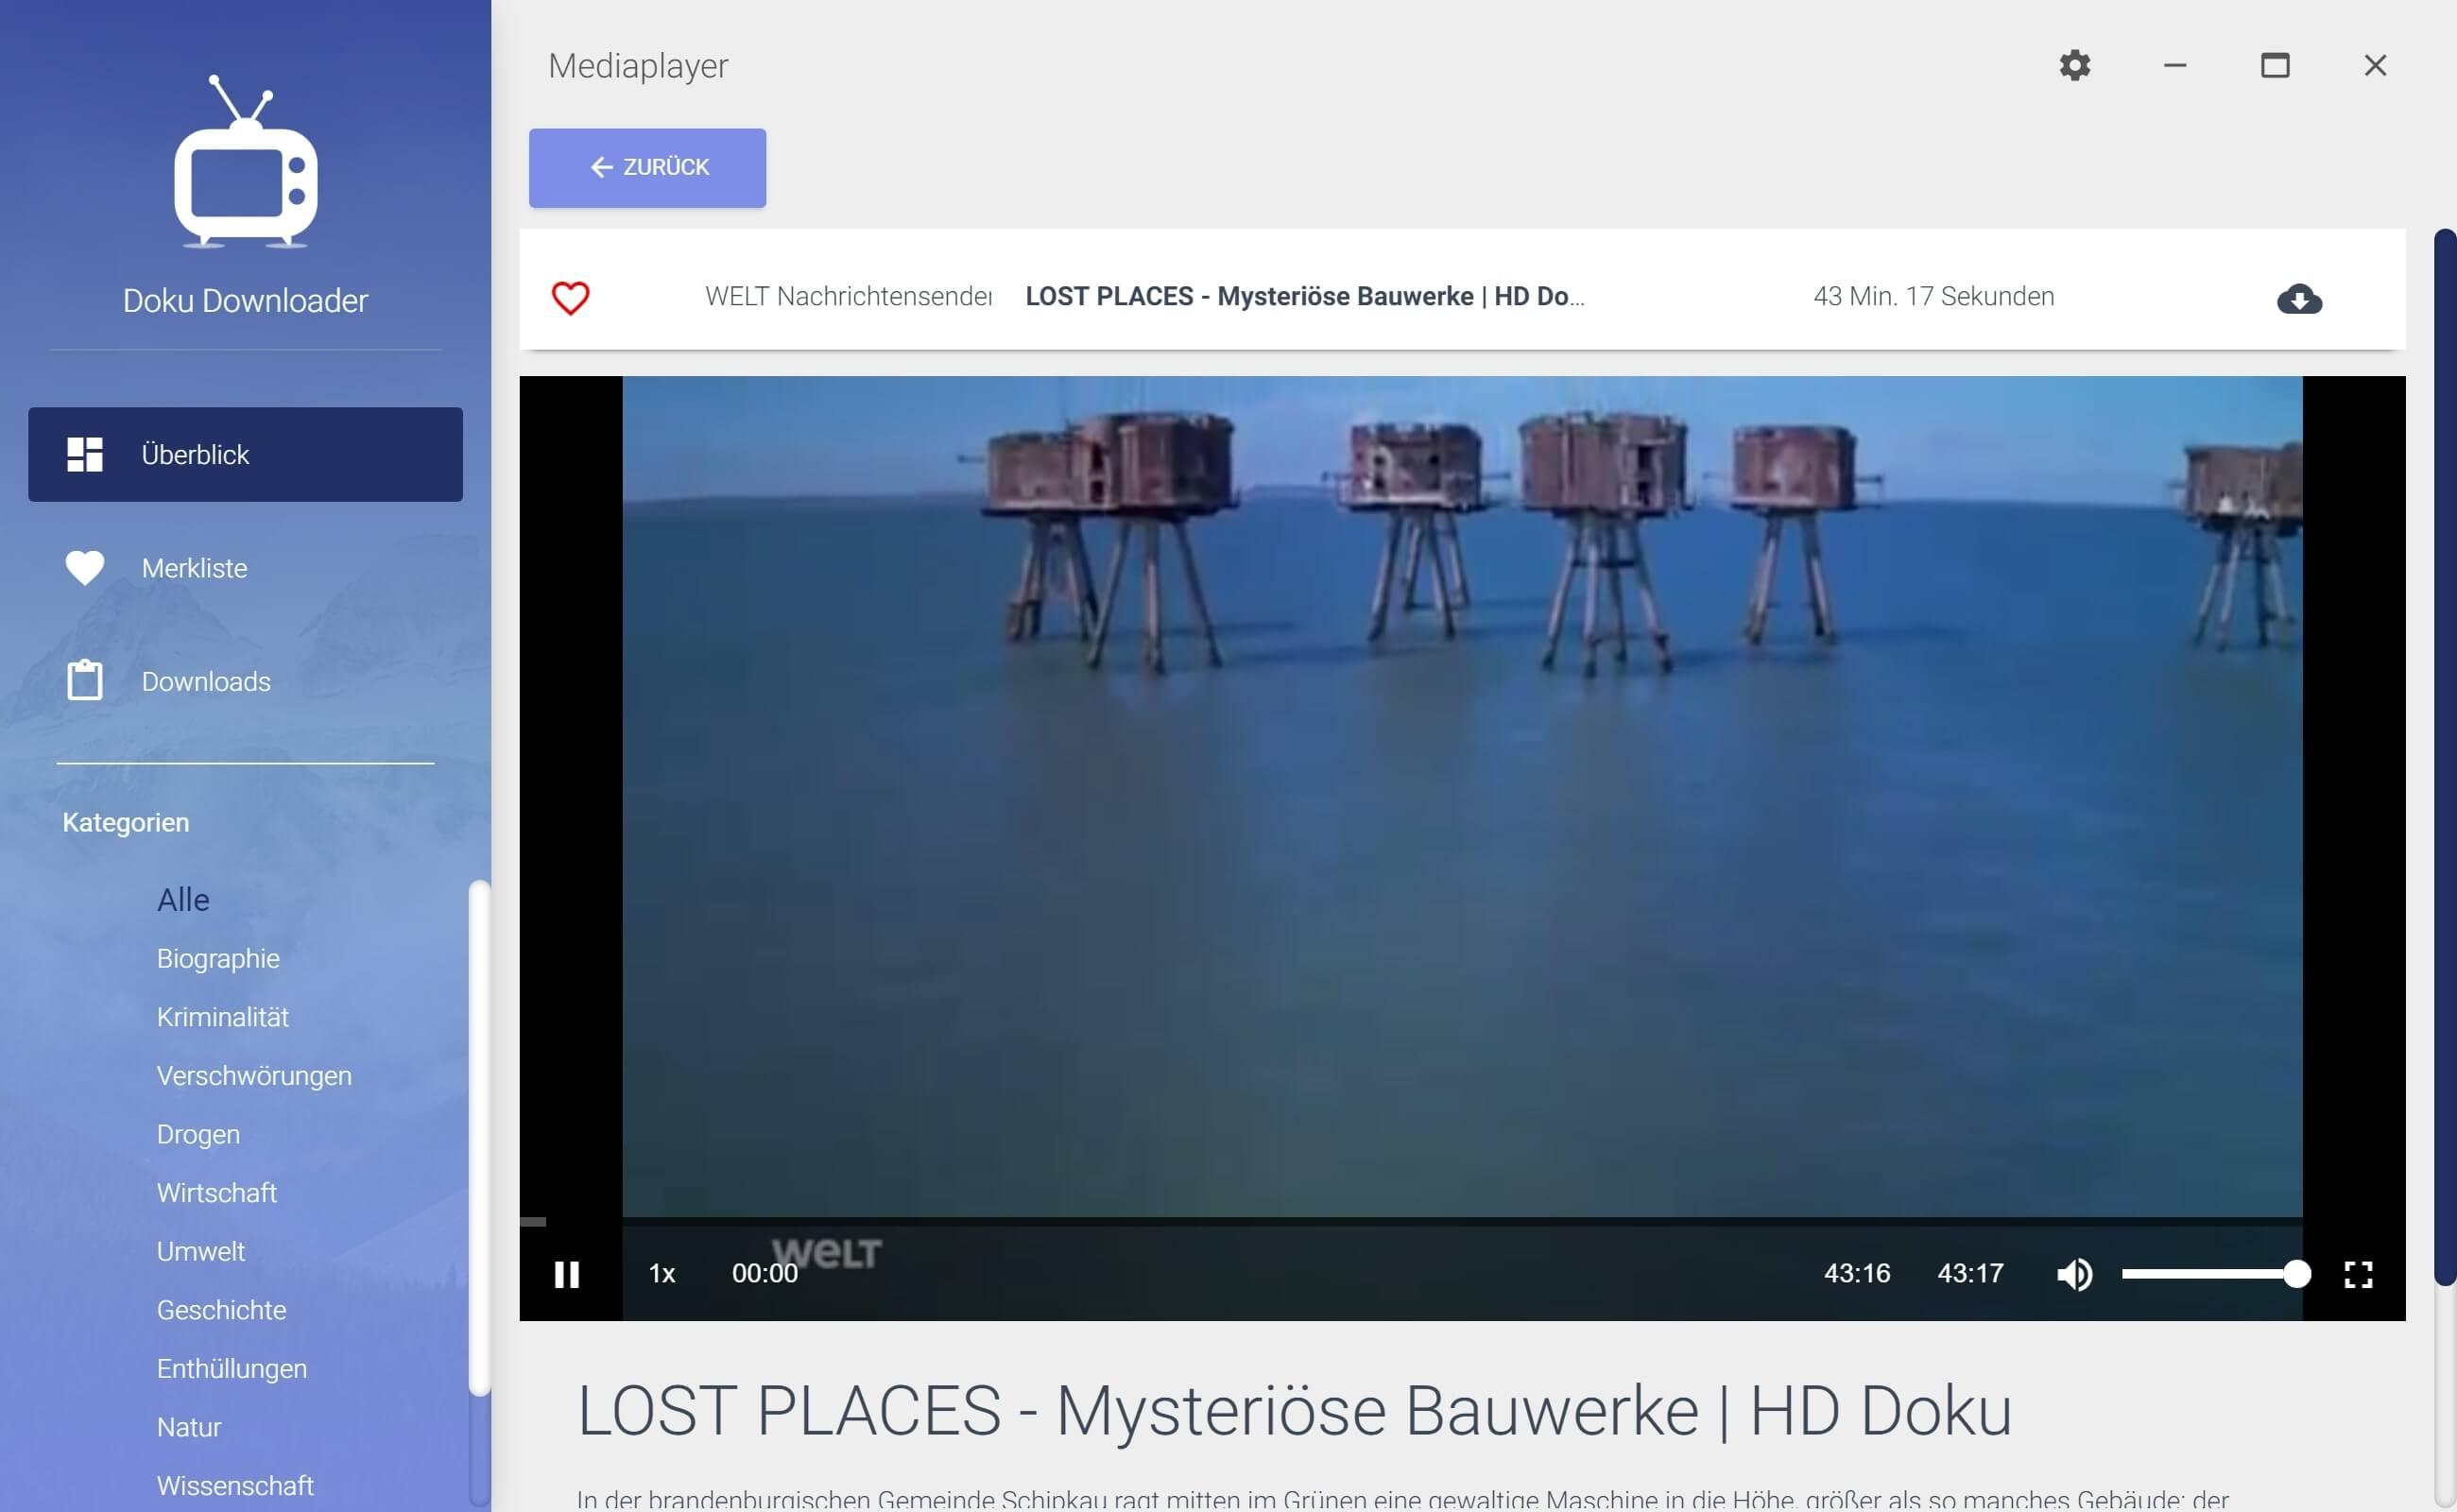 Dokumentationen von Youtube herunterladen - Detailansicht